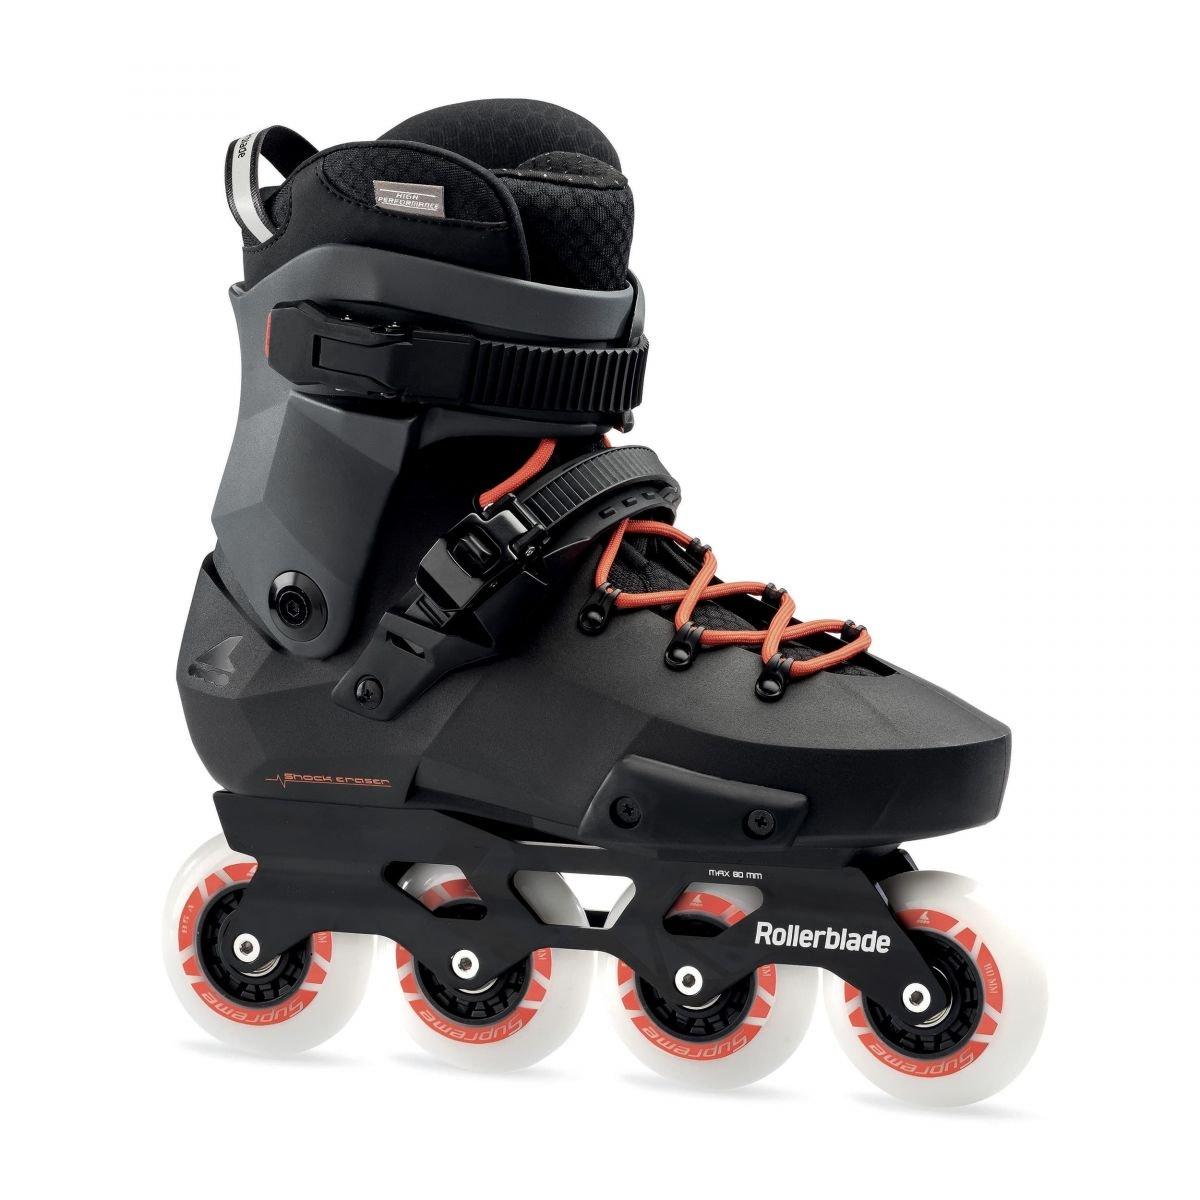 Twister Edge - Free Skates